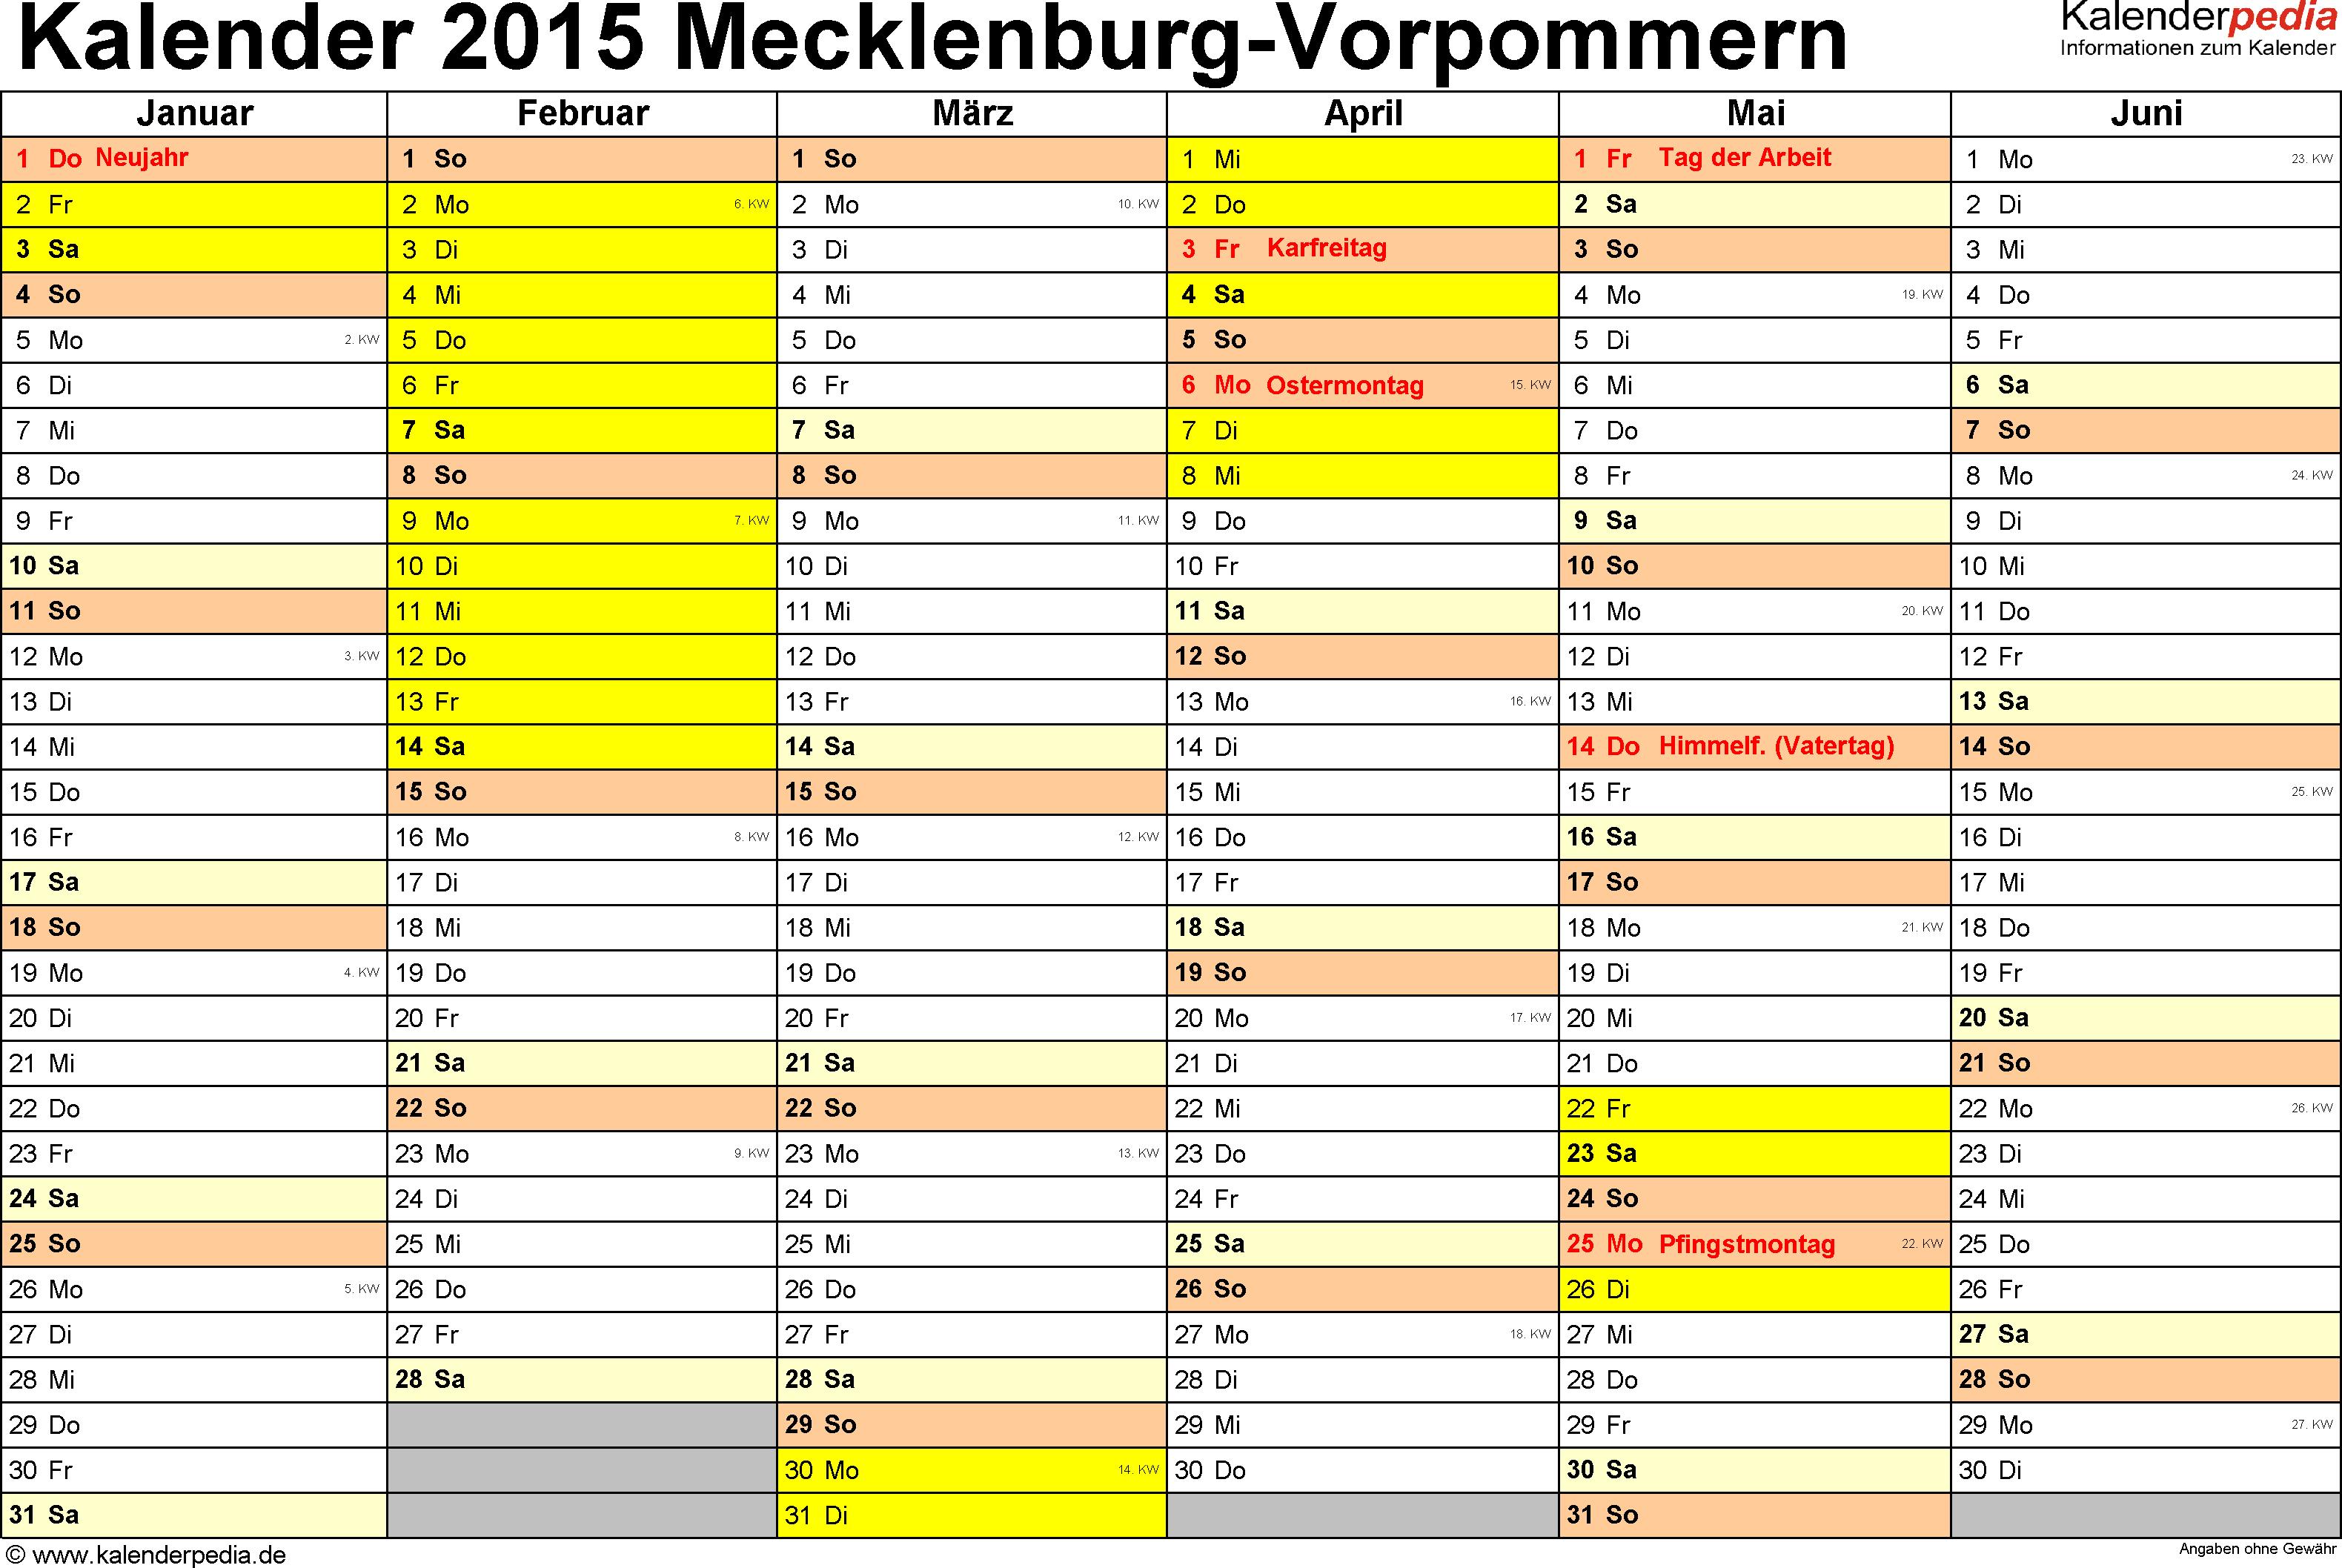 Vorlage 3: Kalender 2015 für Mecklenburg-Vorpommern als Excel-Vorlagen (Querformat, 2 Seiten)